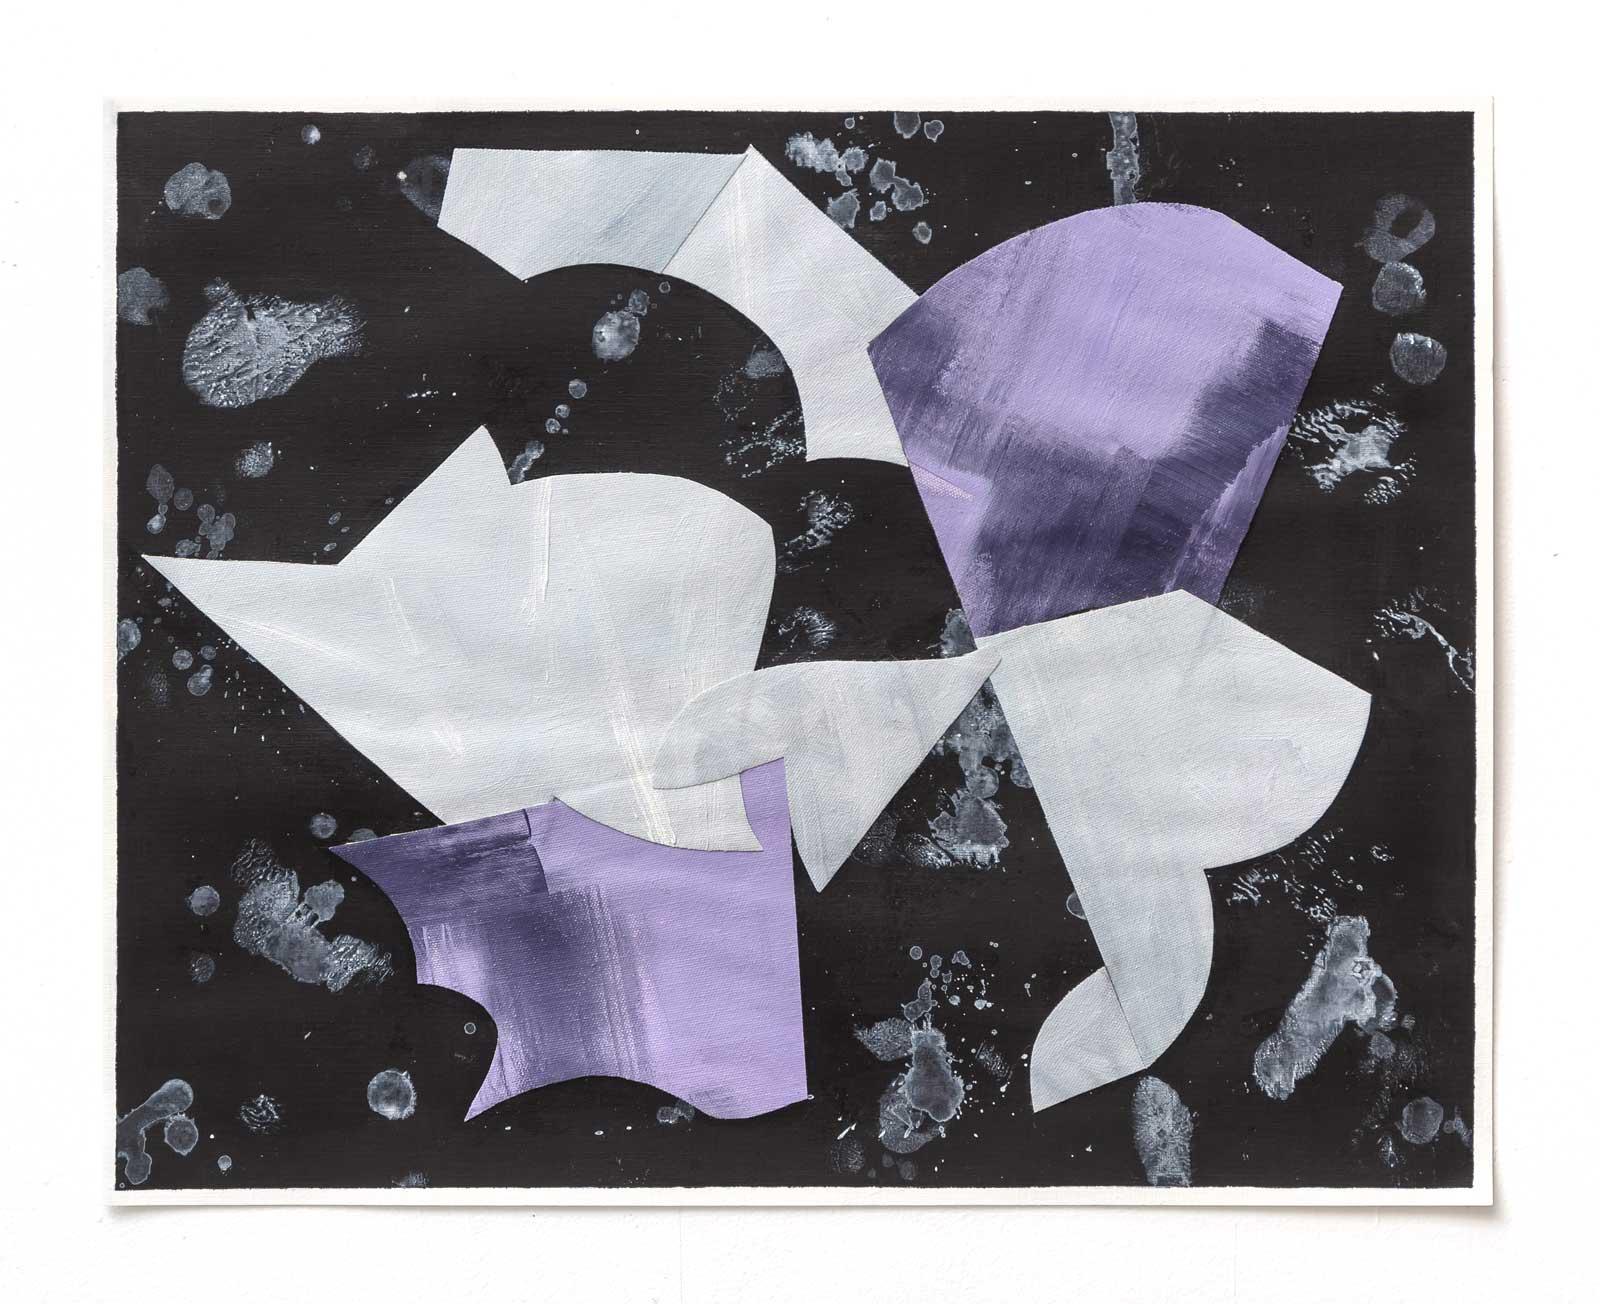 Objets-Obscurs-7-collage-paper-45.72 cm x 60.96 cm.